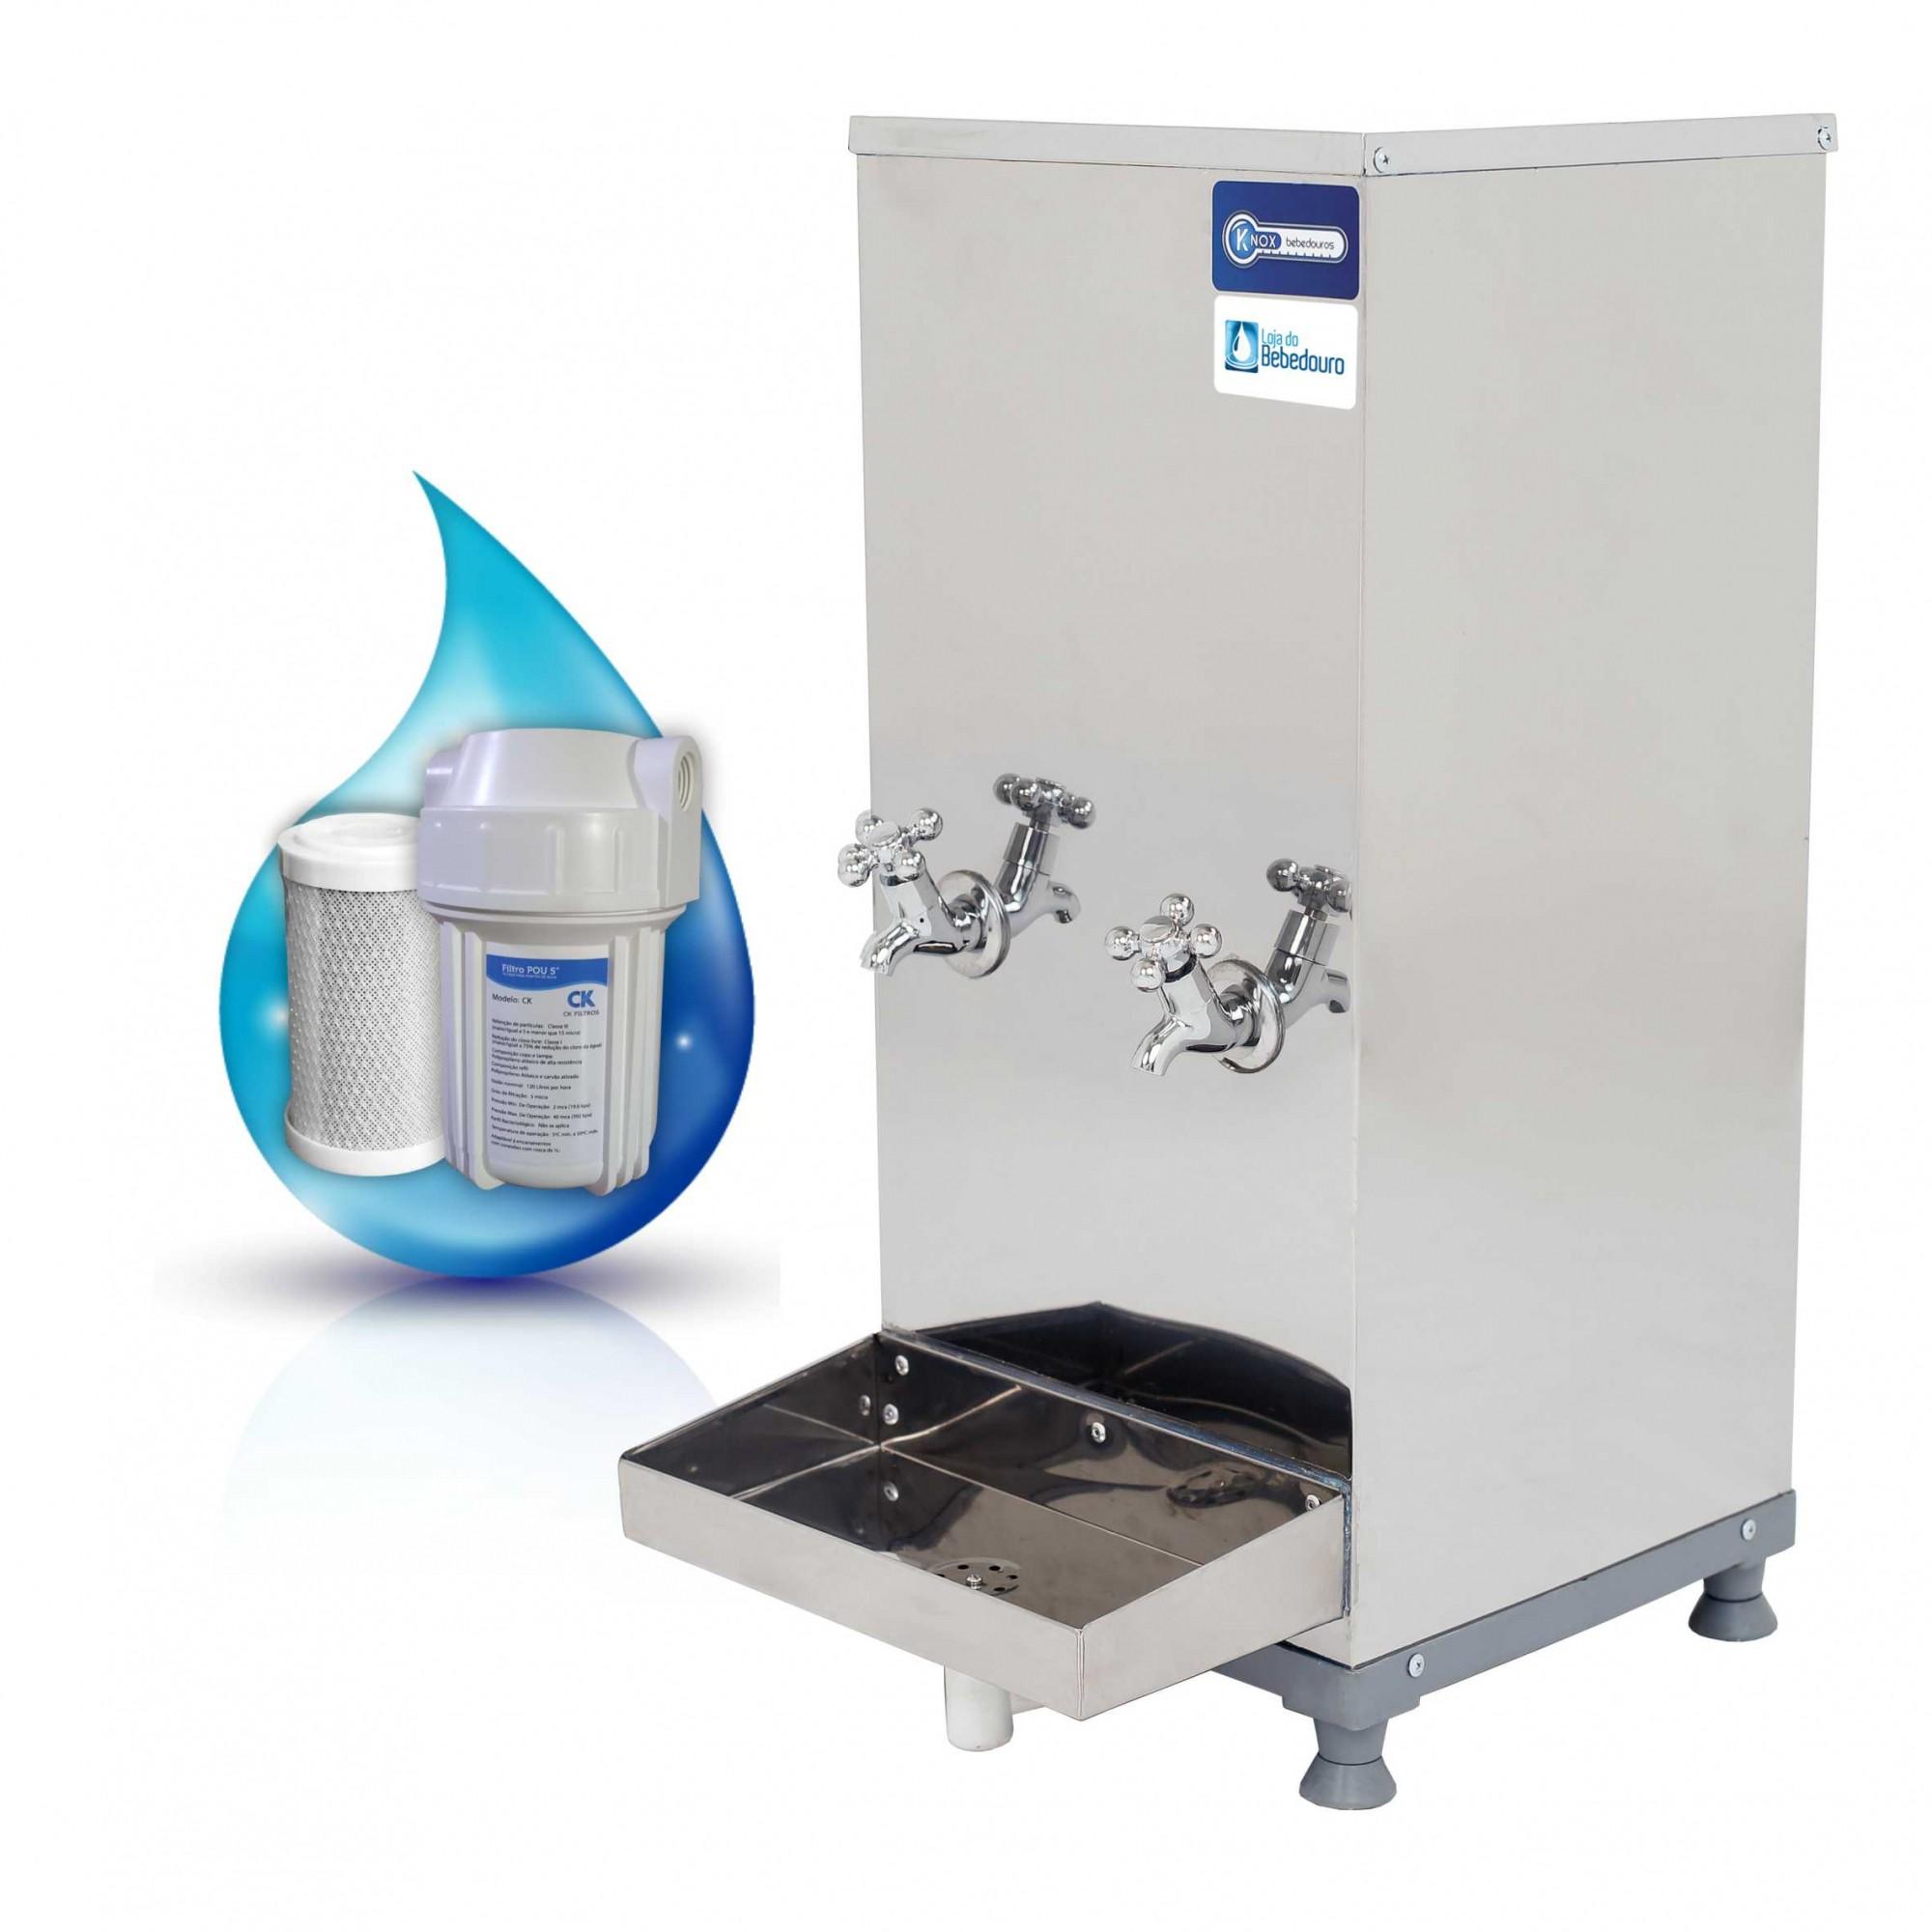 Bebedouro de Água Industrial Bancada 25 Litros Knox Bebedouros + Filtro